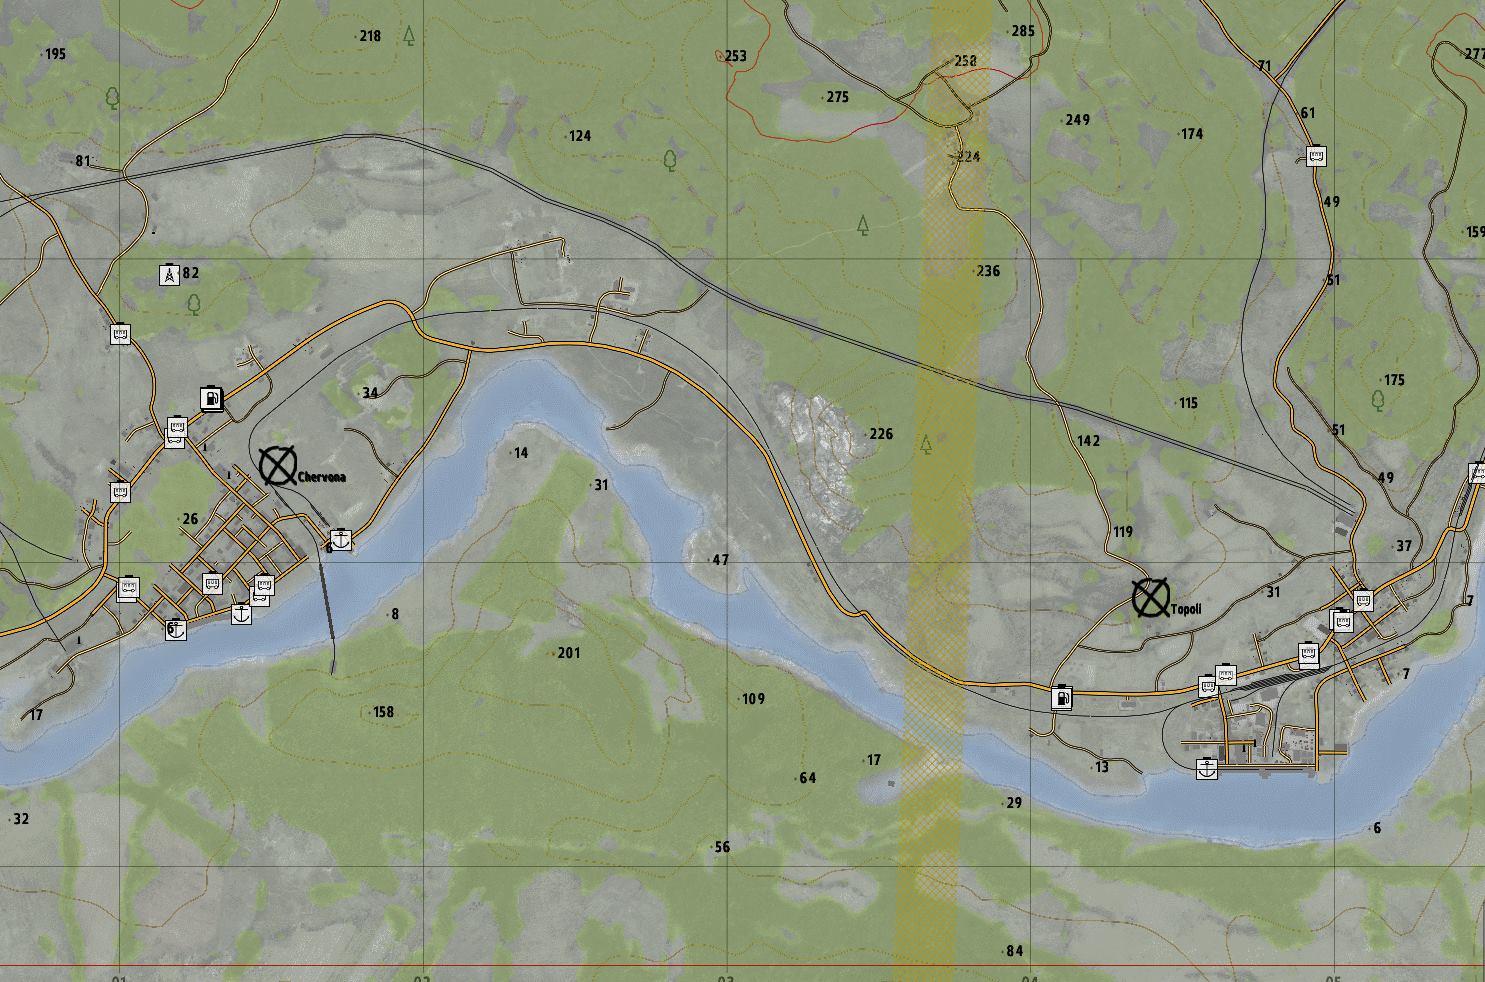 image.ibb.co/mA71my/modernwarfarekarte1.jpg